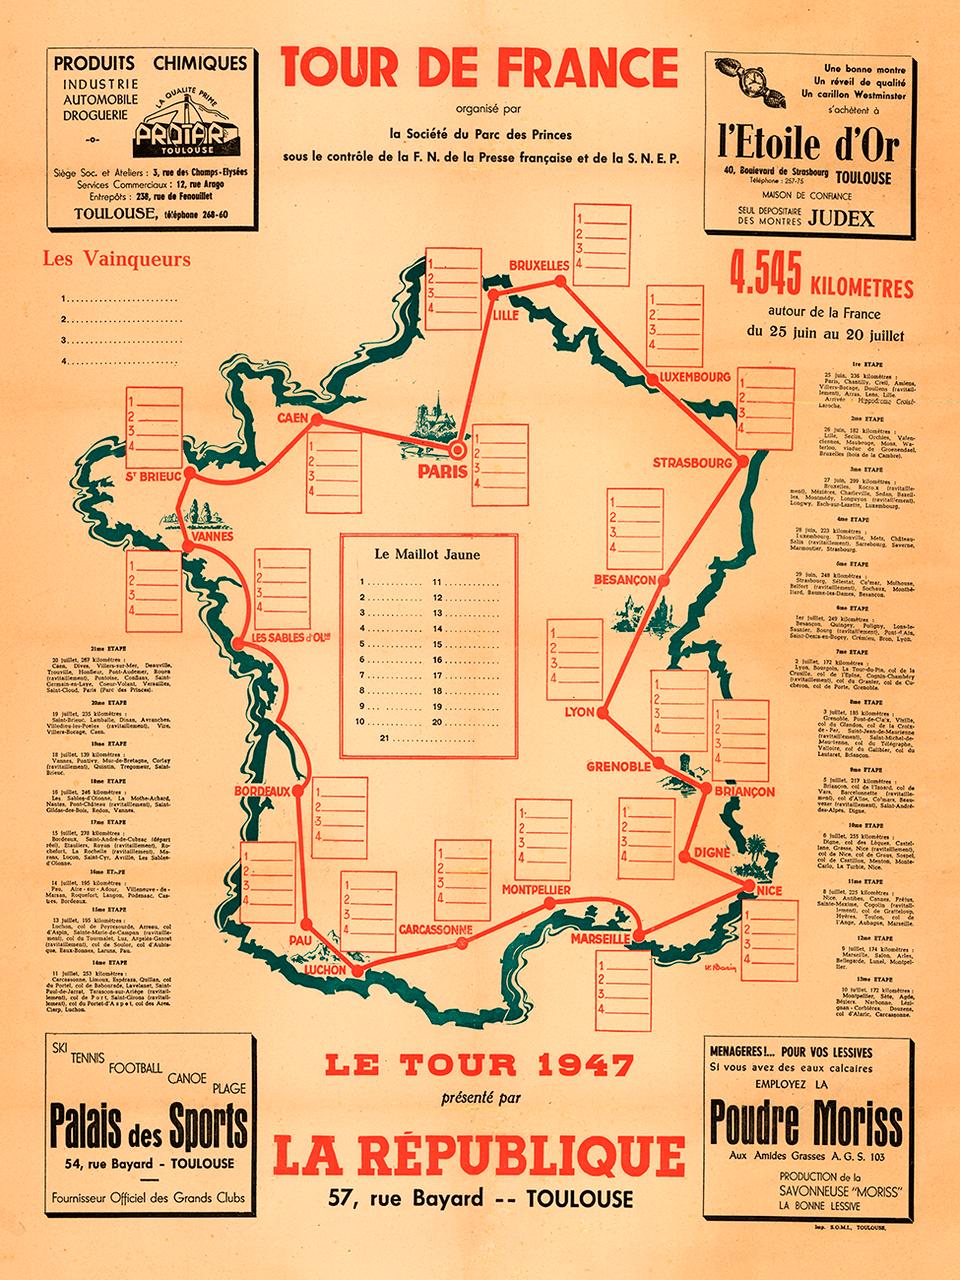 1947 Tour de France Map Poster